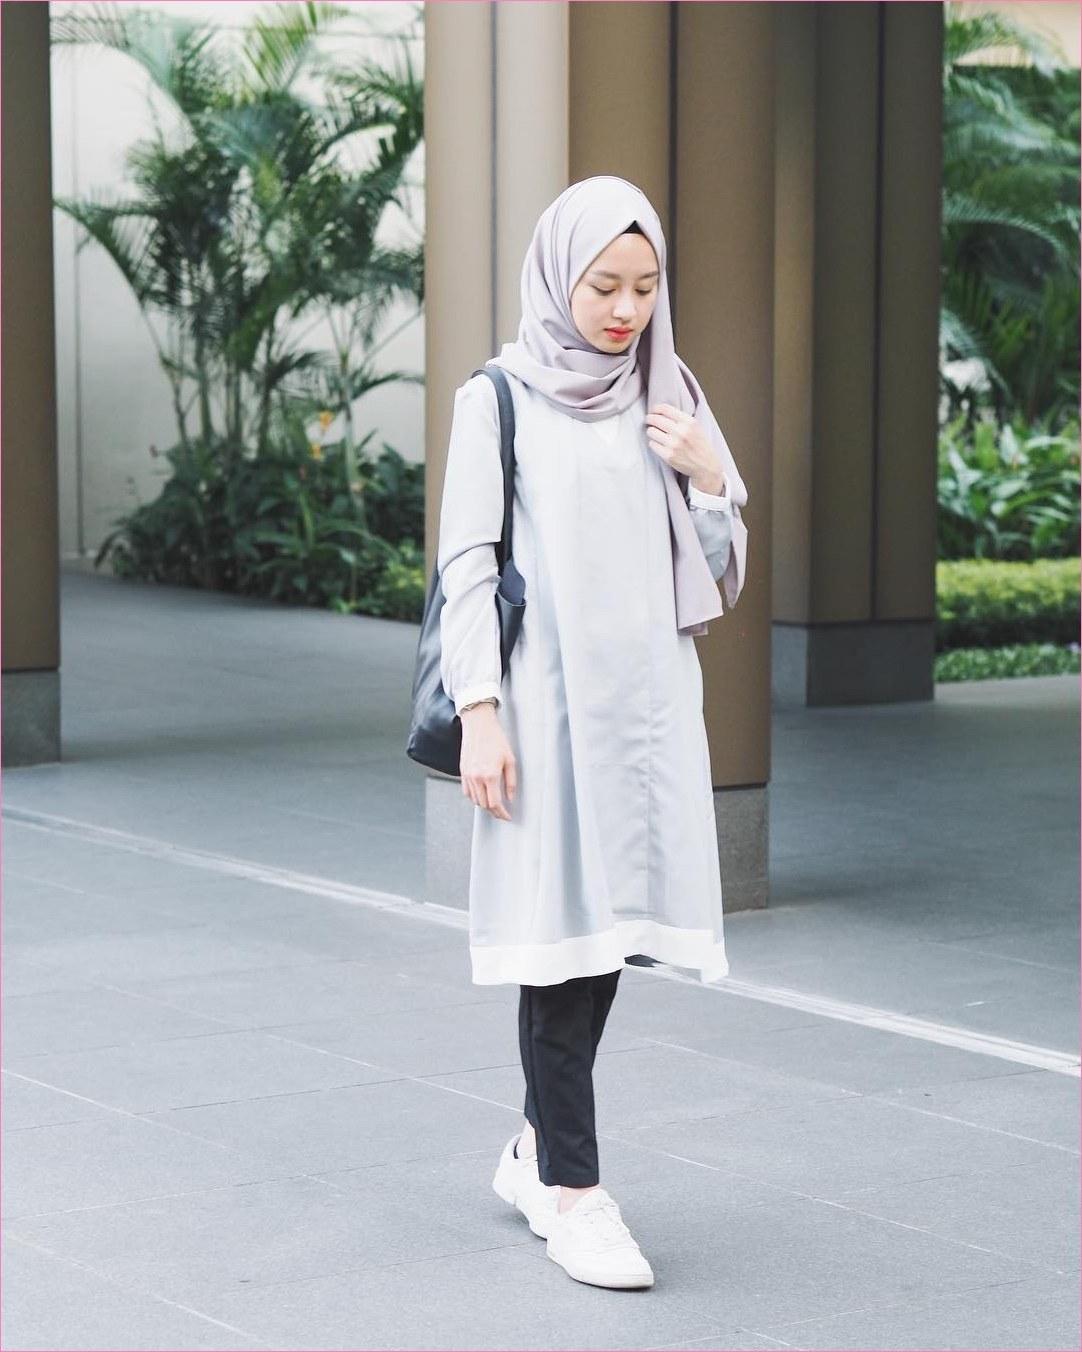 Inspirasi Baju Lebaran Casual 2019 Q5df 32 Model Outfit Casual Wanita Gemuk Ala Selebgram 2019